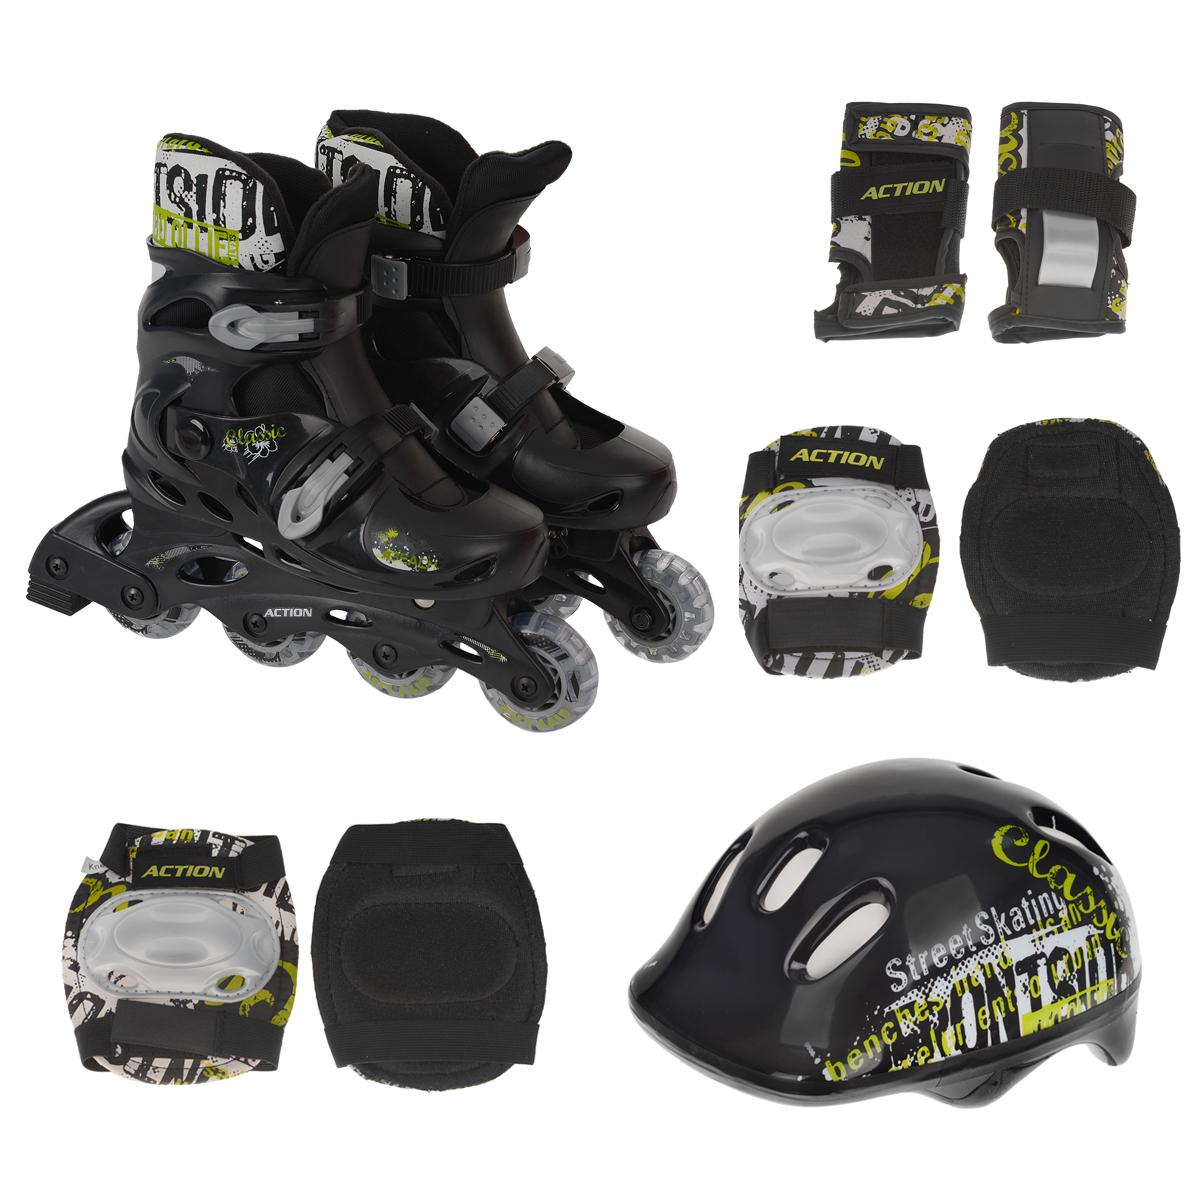 Комплект Action: коньки роликовые, защита, шлем, цвет: черный. PW-120B. Размер 35/38PW-120BРаздвижные коньки Action - это роликовые коньки любительского класса для детей и постоянно растущих подростков, предназначены для занятий спортом и активного отдыха.Коньки имеют пластиковый ботинок со съемным сапожком с раздвижным механизмом, что обеспечивает хорошую посадку и пластичность, а для еще более комфортного катания ботинки коньков оснащены двумя клипсами с фиксаторами. Облегченная, анатомически облегающая конструкция обеспечивает улучшенную боковую поддержку и полный контроль над движением.Рама изготовлена из пластика, а колеса из полиуретана с 608Z. Диаметр колес 64 мм. В каждой модели роликов есть тормоз. К роликам прилагается полный комплект защиты: шлем (из плотного пенопласта с верхним покрытием из пластика), защита рук, коленей, локтей. Двухкомпонентная система с внутренними вставками поглощает энергию удара, снимает нагрузку с суставов и снижает риск получения травм. Все это упаковано в специальную сумку-переноску с прозрачными окном. Роликовые коньки - это прекрасная возможность активного время провождения, отличный способ снять напряжение после трудового дня, пообщаться с друзьями, завести новые знакомства и повысить свою самооценку. При выборе роликовых коньков следует заботиться не о цвете, внешнем виде или фирме-производителе, а о том, чтобы вам и вашему ребенку было удобно и комфортно в выбранной модели, и чтобы нога надежно и плотно фиксировалась в коньке, но в то же время ее ничто не стягивало. Нельзя покупать ролики на пять размеров больше, но и нельзя покупать размер в размер. Ролики должны быть на один, максимум два размера больше ноги. УВАЖАЕМЫЕ КЛИЕНТЫ!Обращаем ваше внимание на различие в количестве колес в зависимости от размеров роликов: ролики размером 31/34 поставляются с 3 колесами, размером 35/38 - с 4.